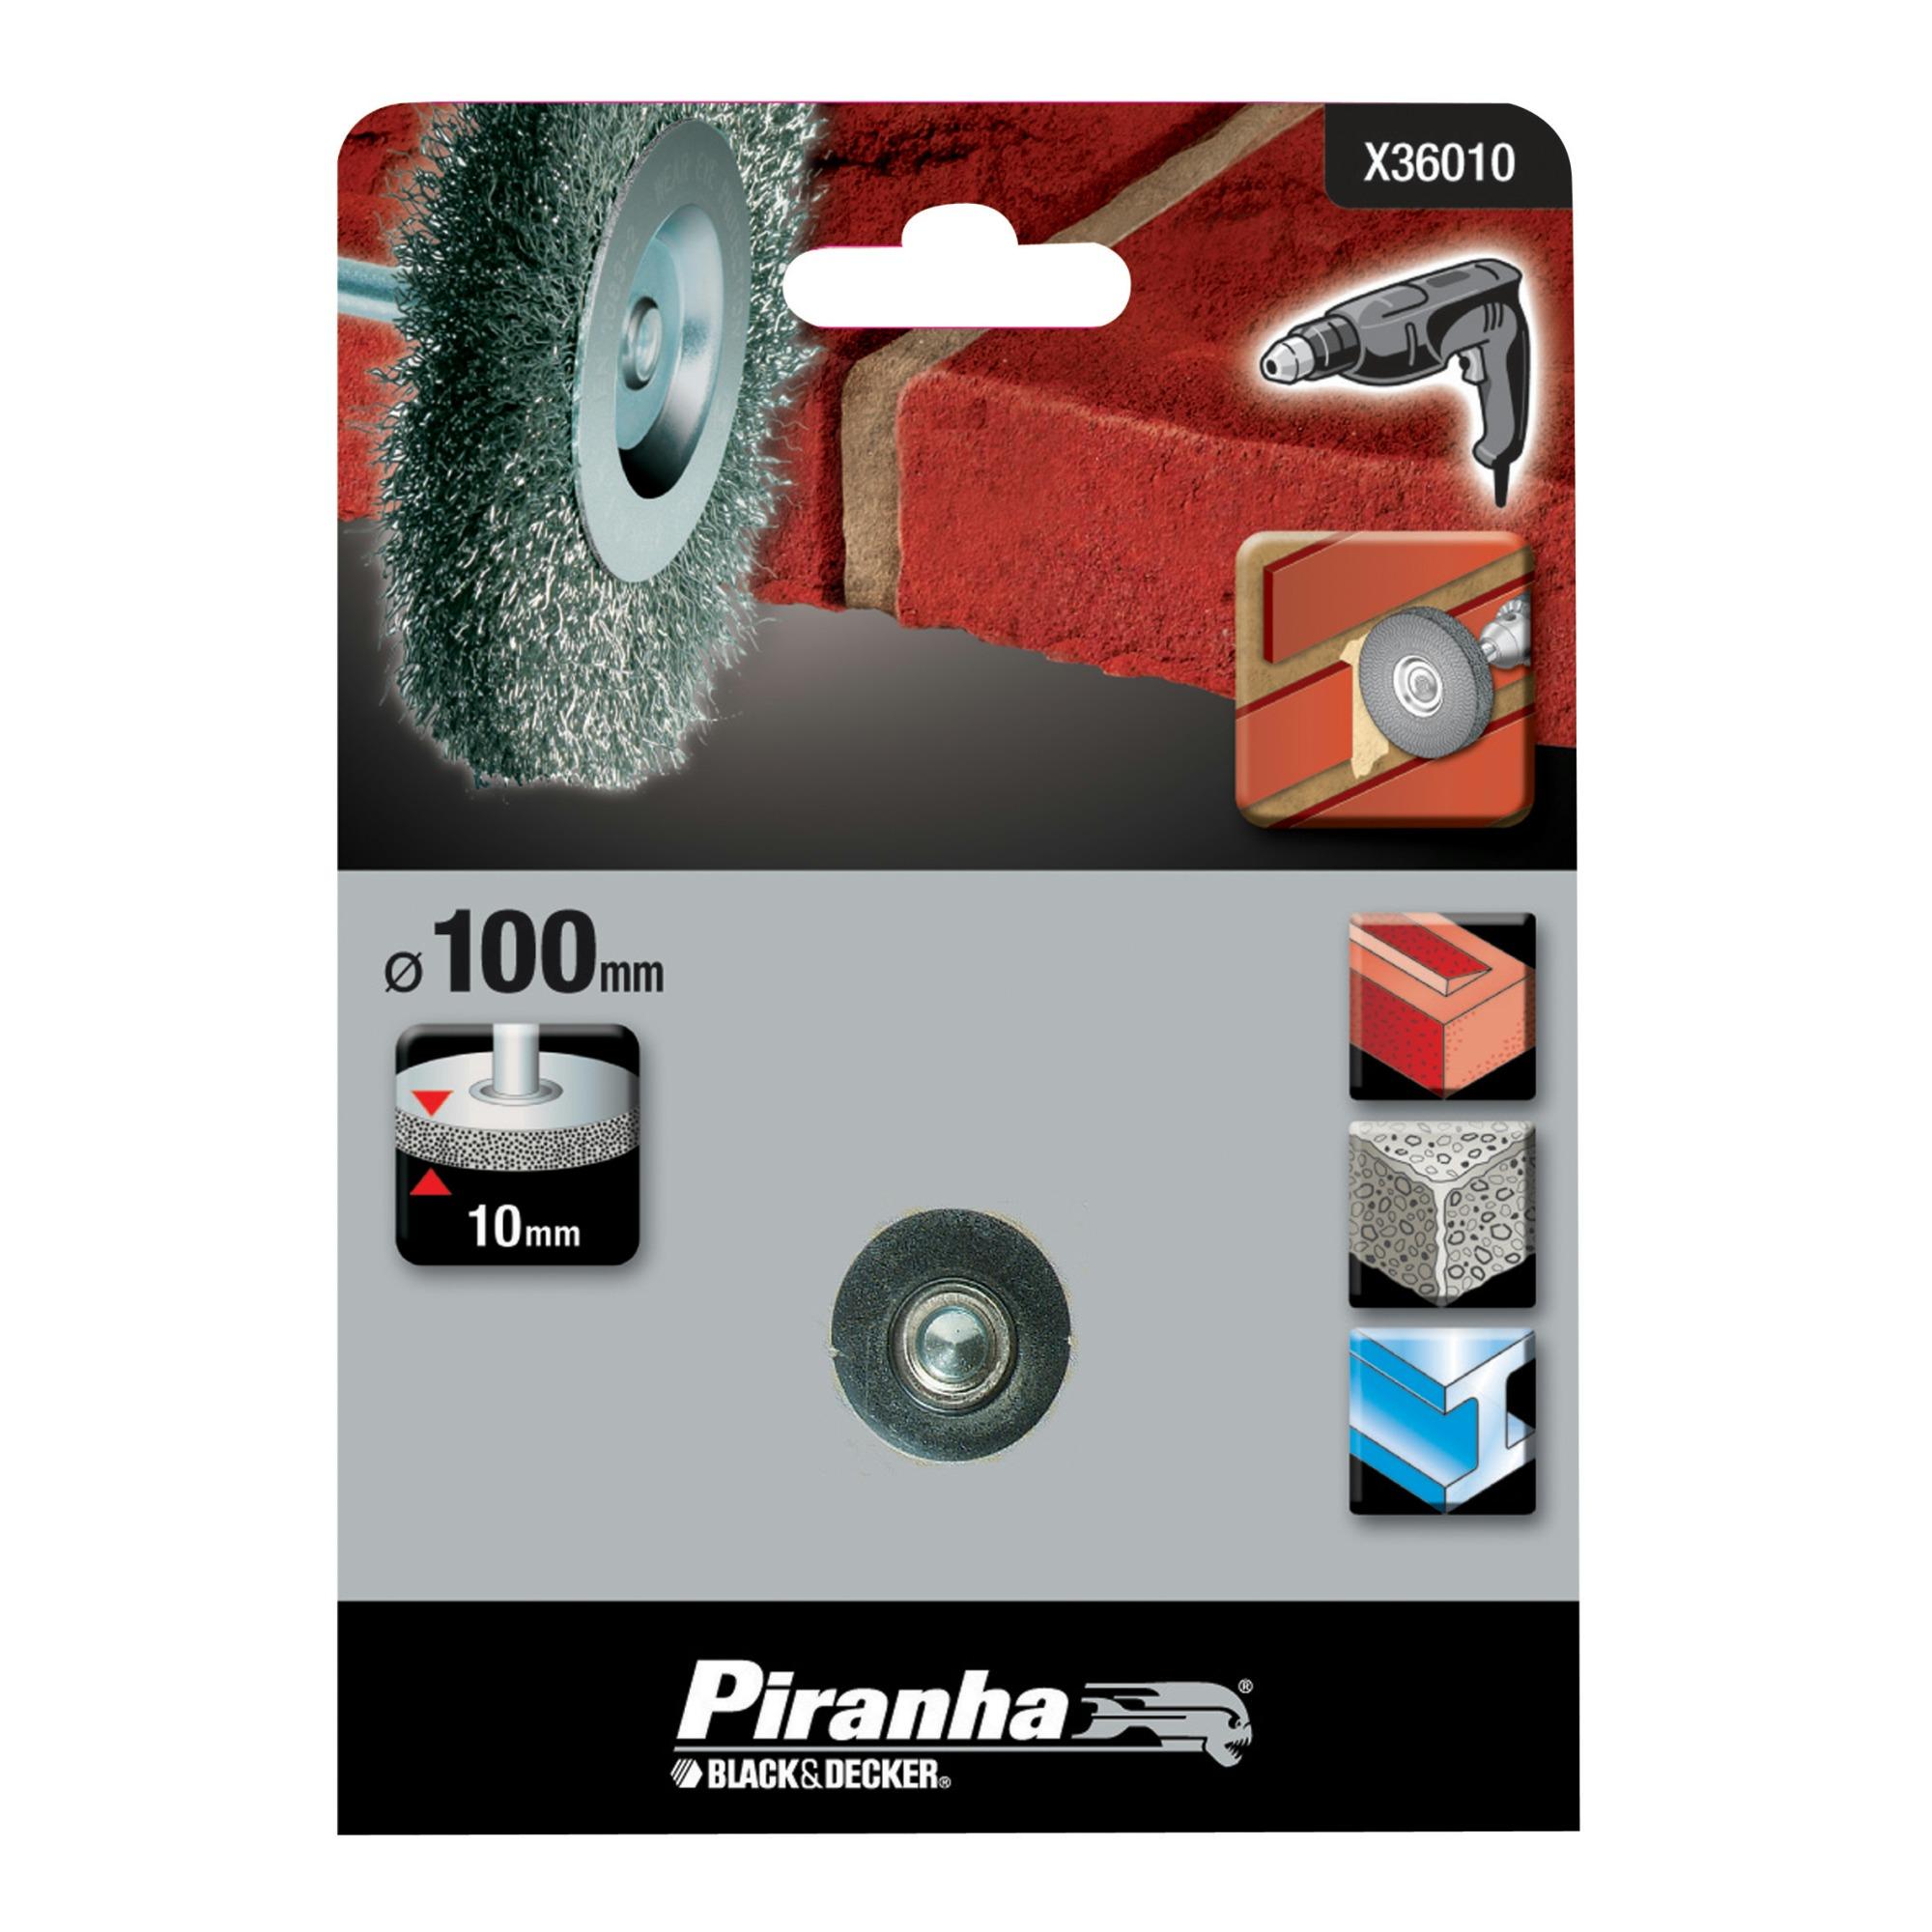 Piranha staaldraadborstel X36010 100 mm voor beton, metaal en steen